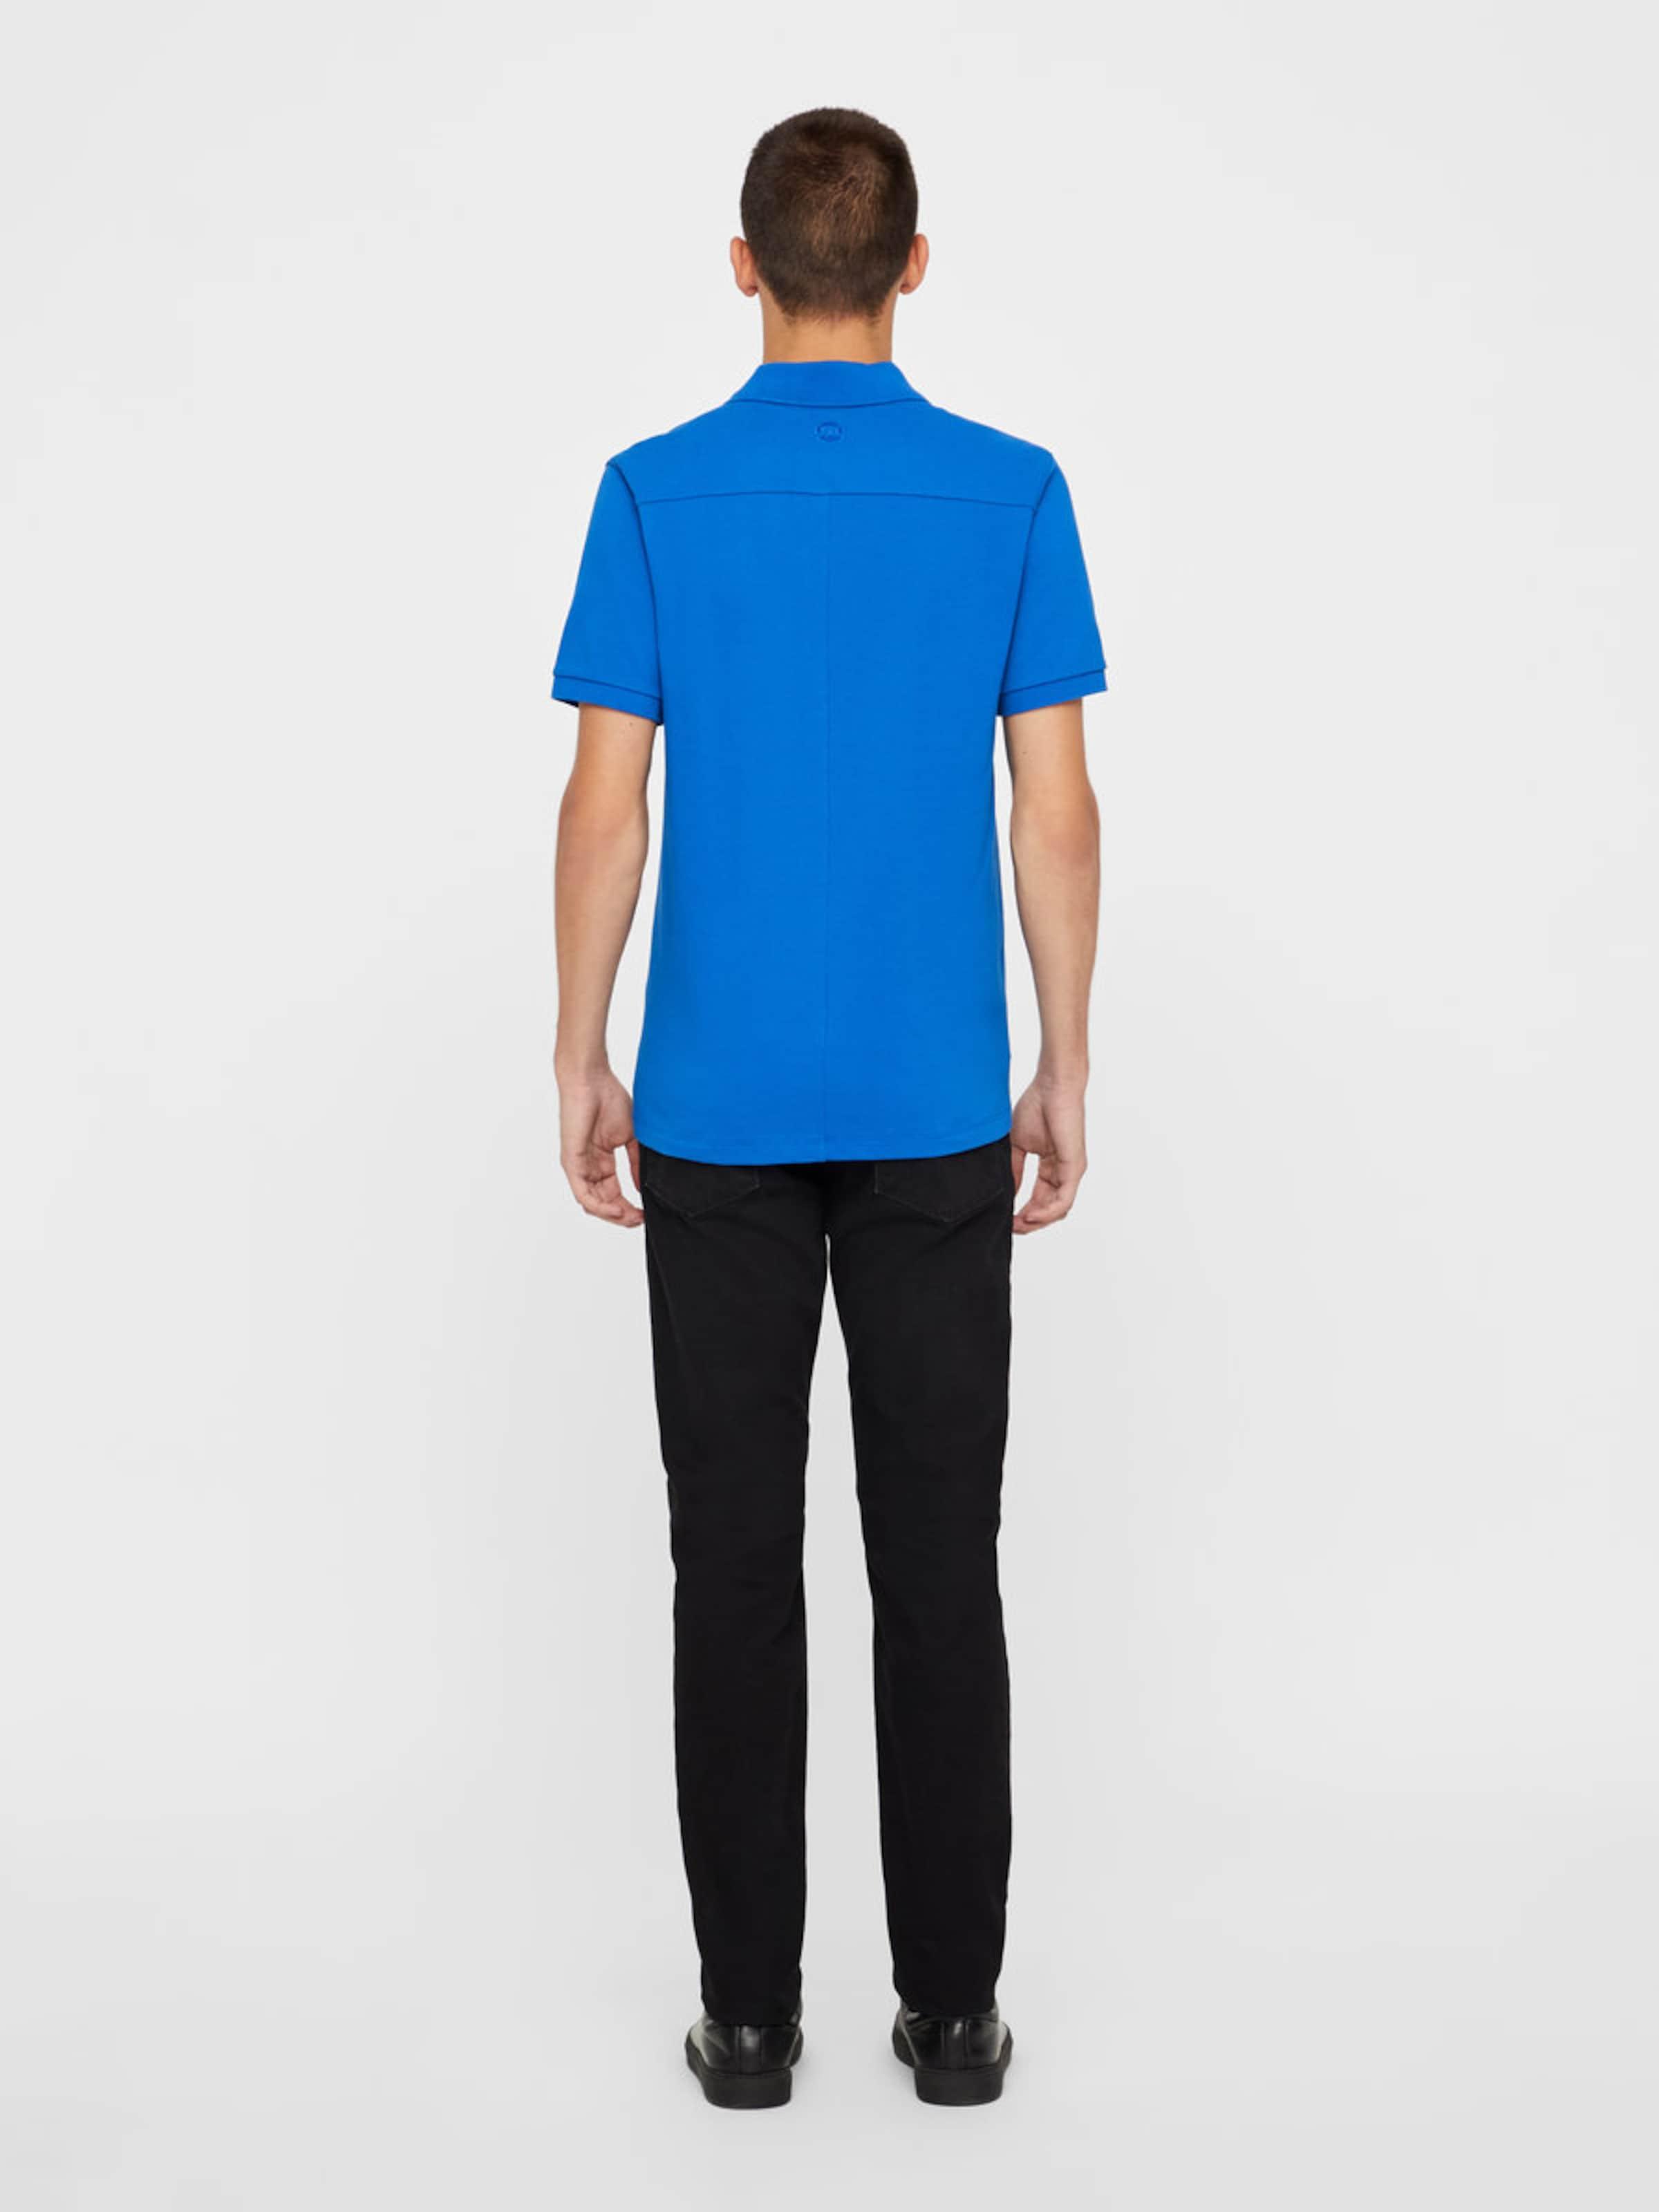 lindeberg J Pique' Blau In Poloshirt 'von E2I9DH